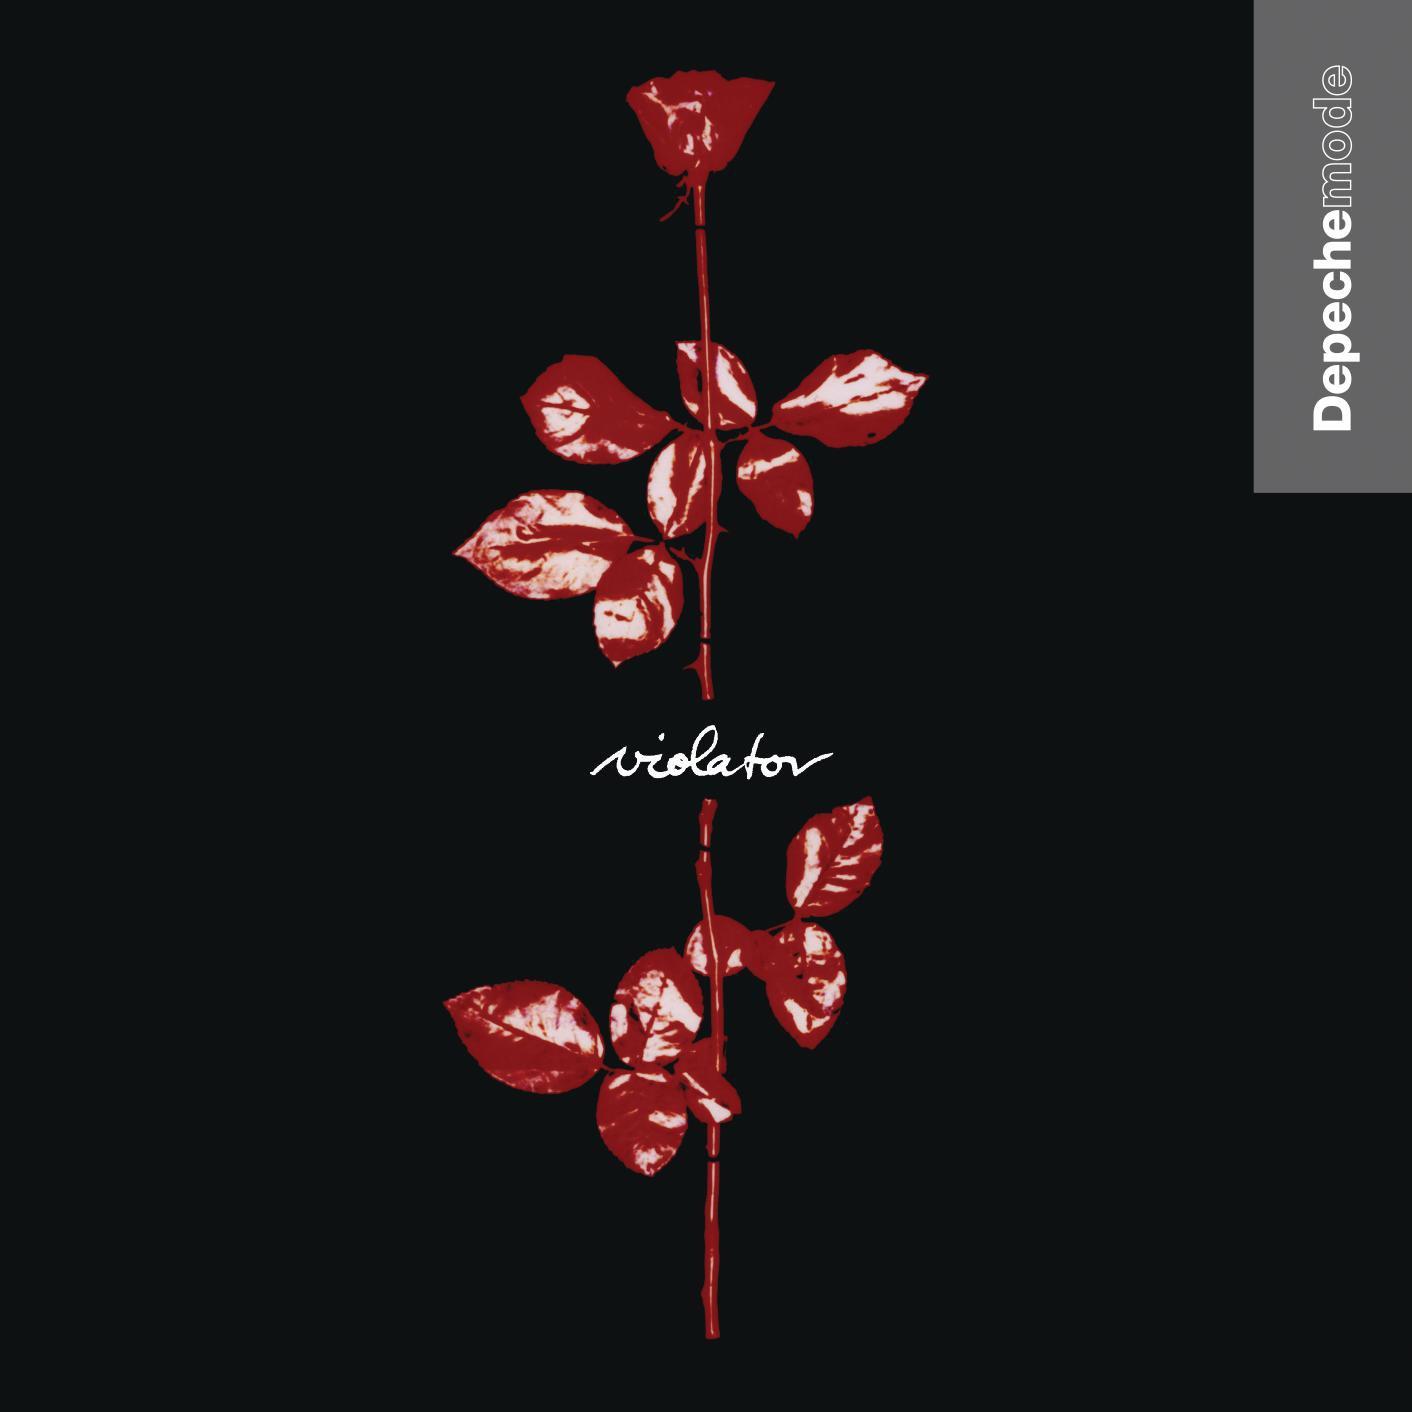 """Ya son 30 años de """"Violator"""", el álbum más exitoso de Depeche Mode"""